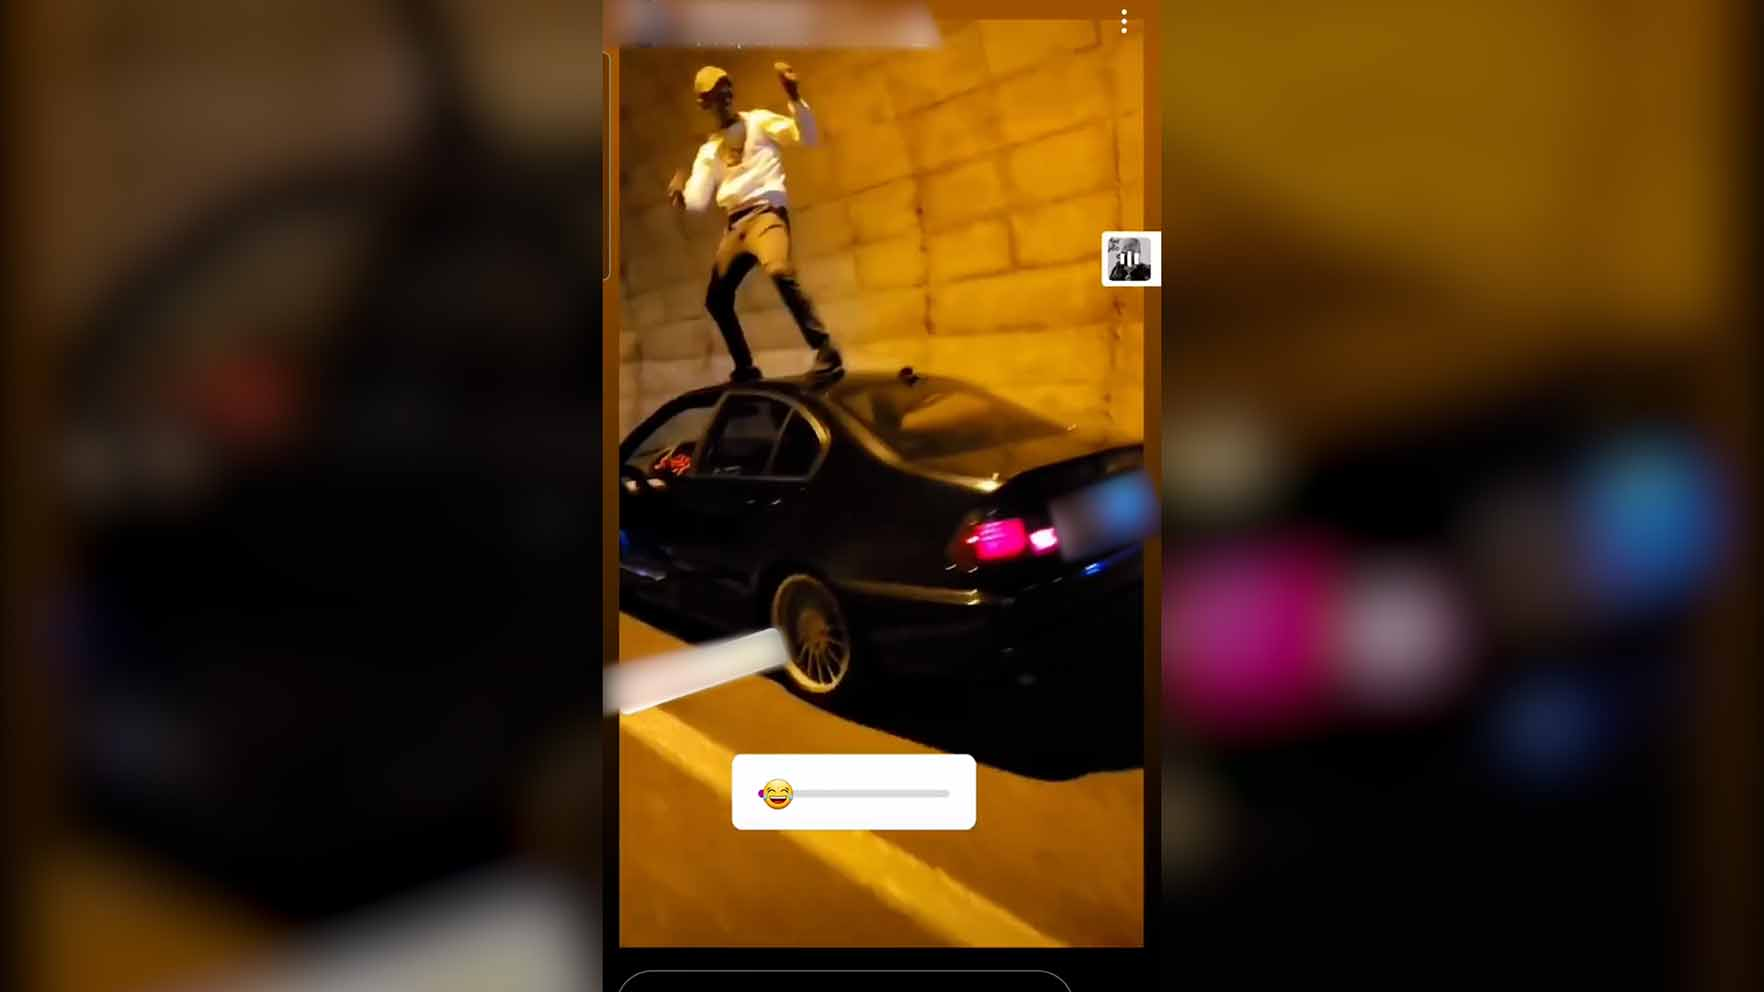 Imagen del joven sobre su coche bailando.